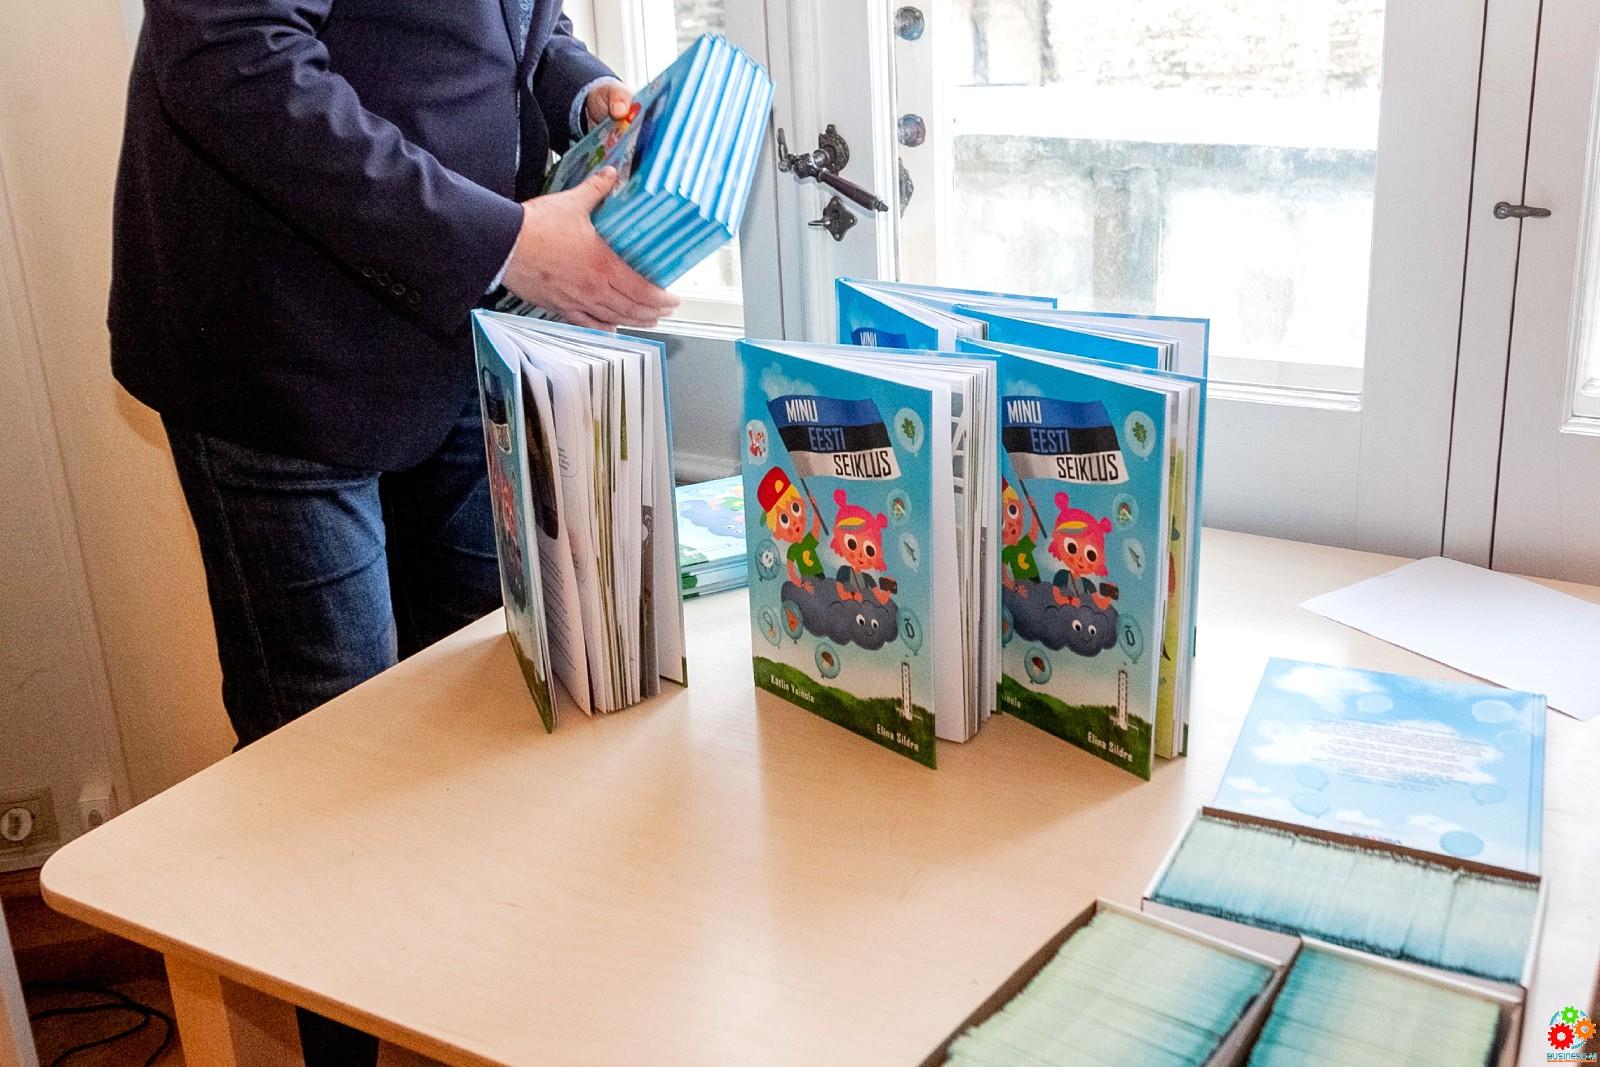 Maxima: поспешите! В магазинах осталось всего около 5 тысяч книг «Приключение по моей Эстонии»